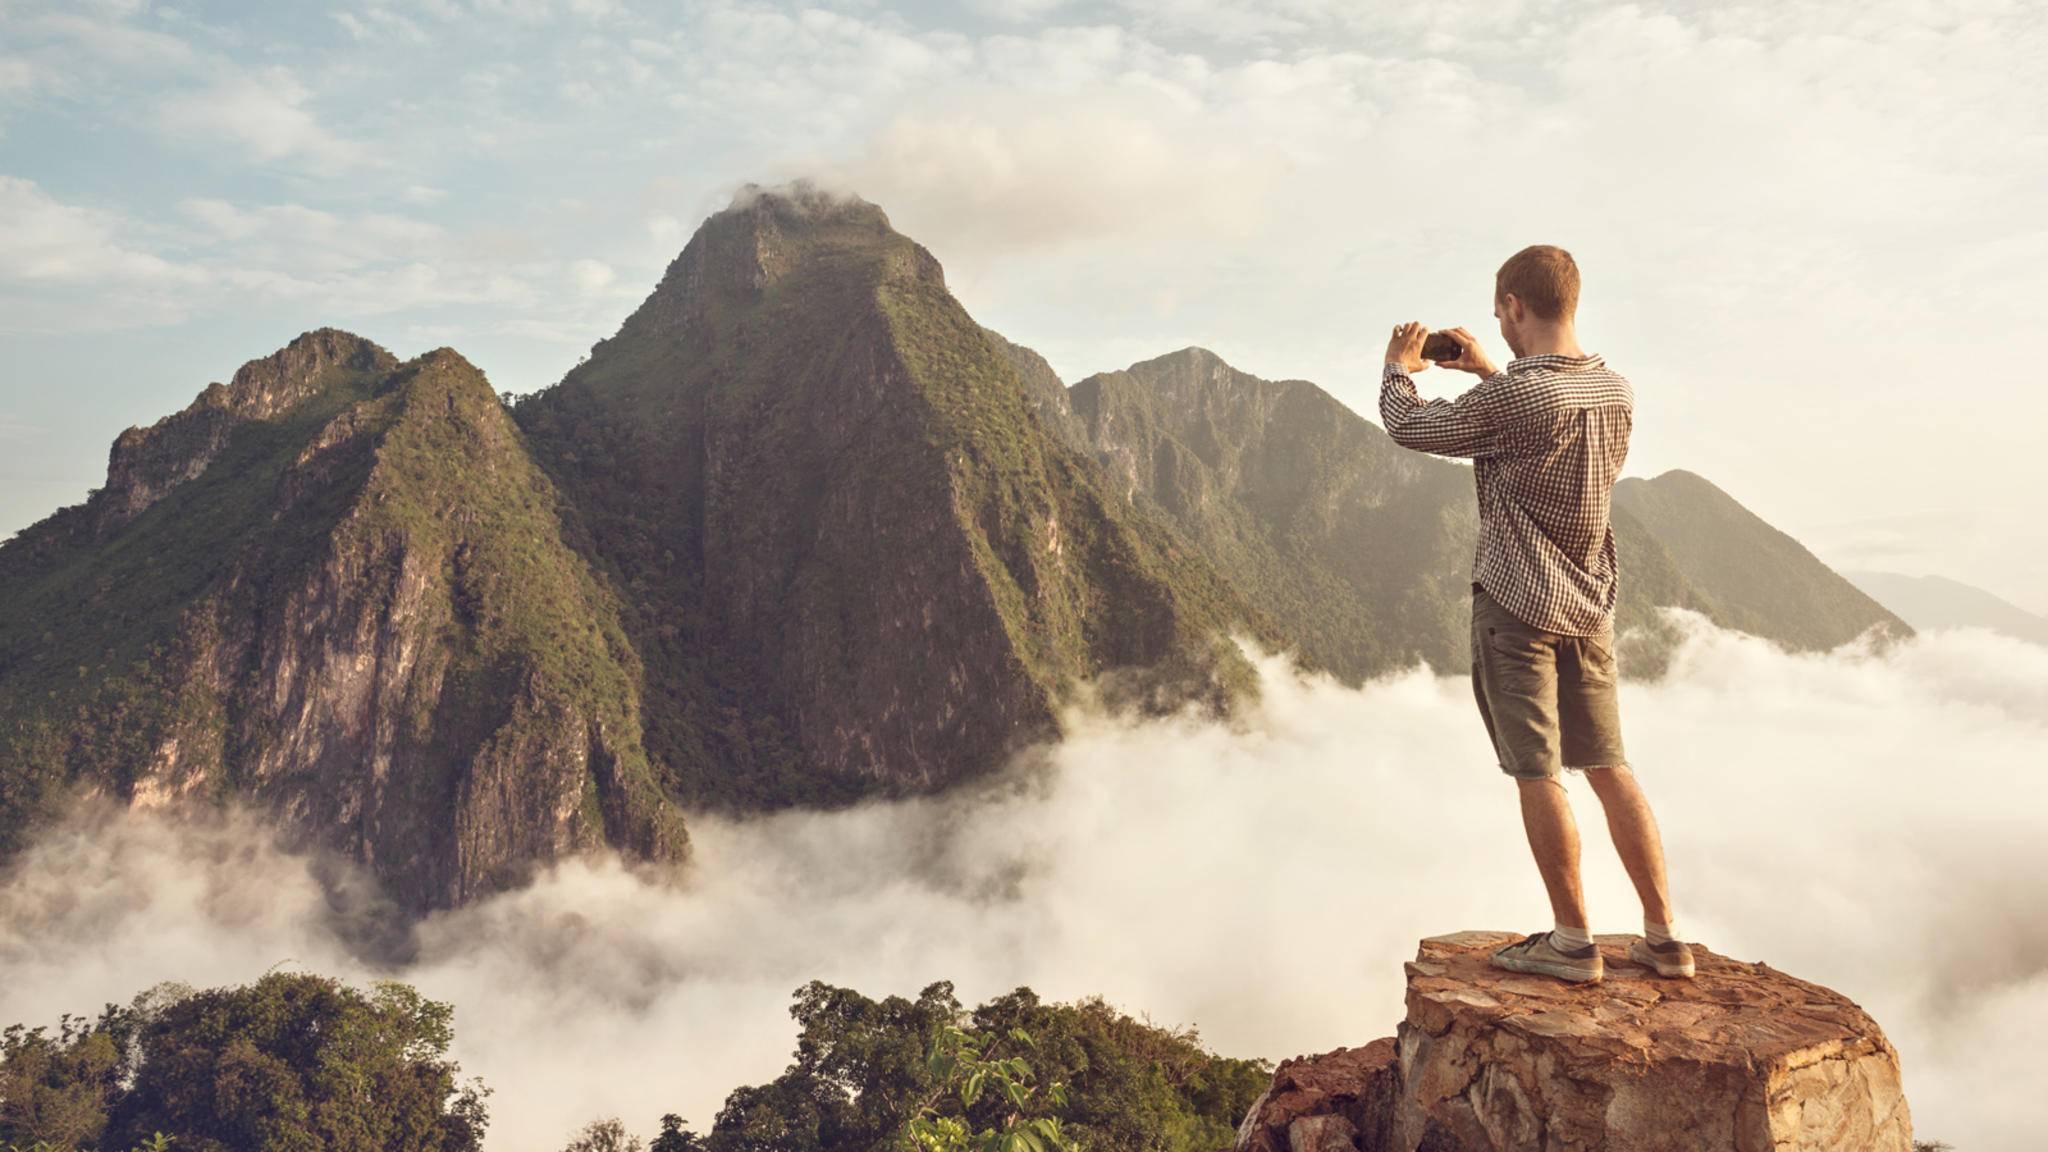 Mann Fotografiert Berg Panorama-Berge Erkennen App-photoschmidt-AdobeStock_147458298